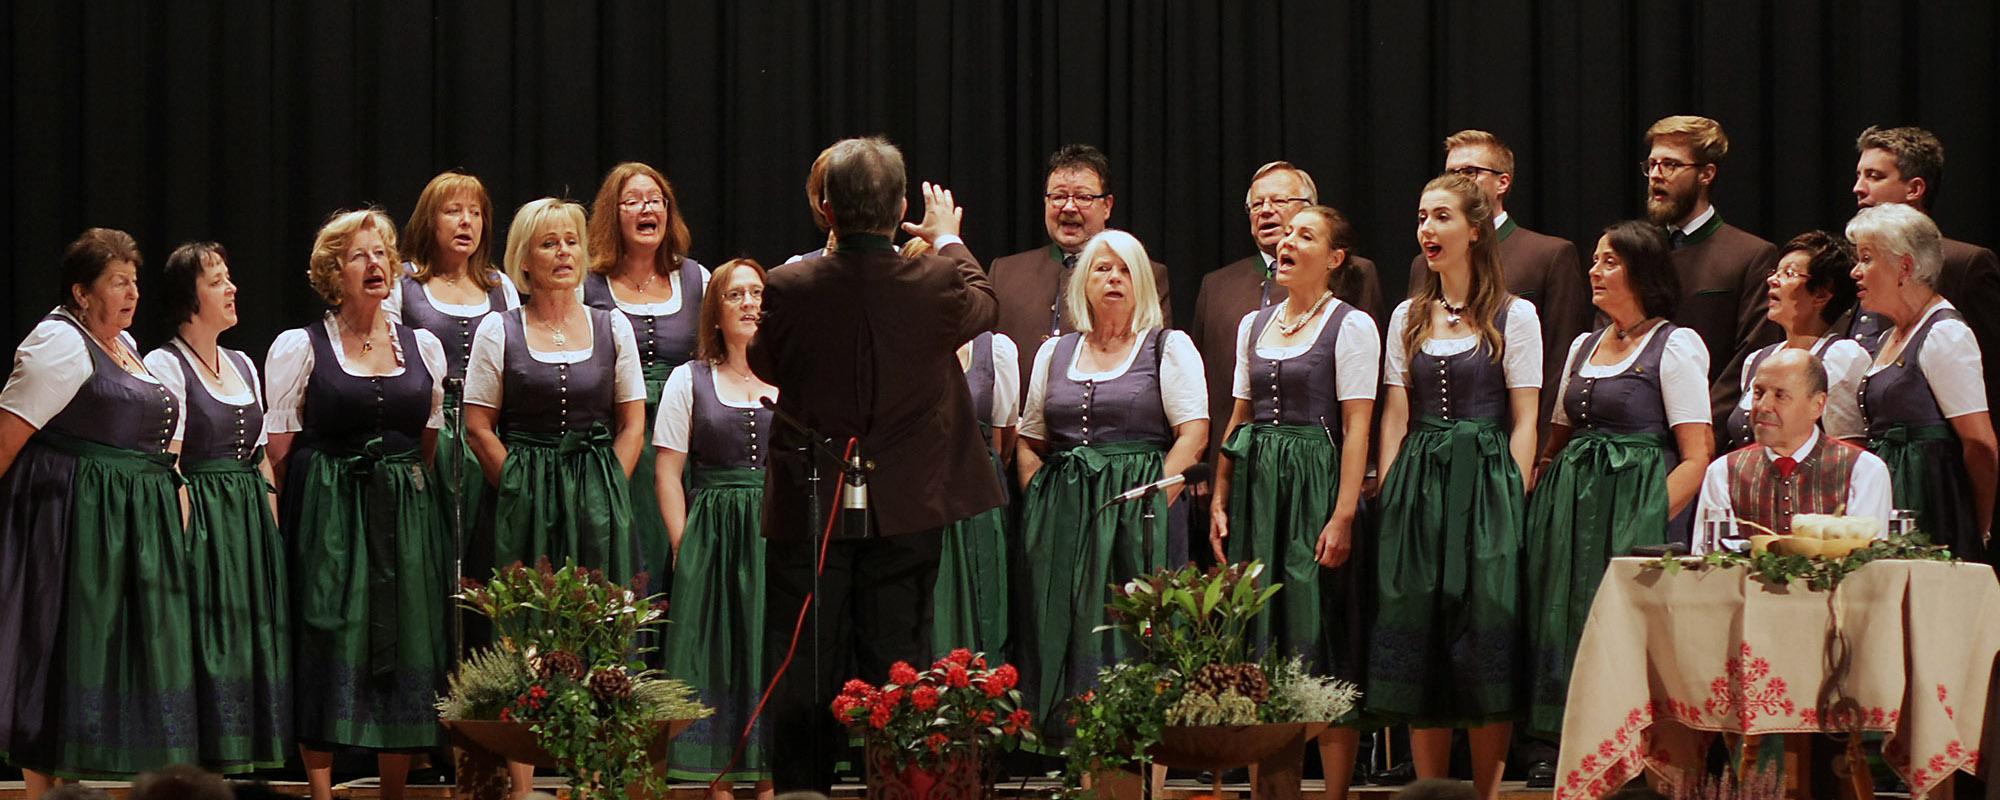 Krappfeldsingen 2017 - Gemischter Chor Althofen